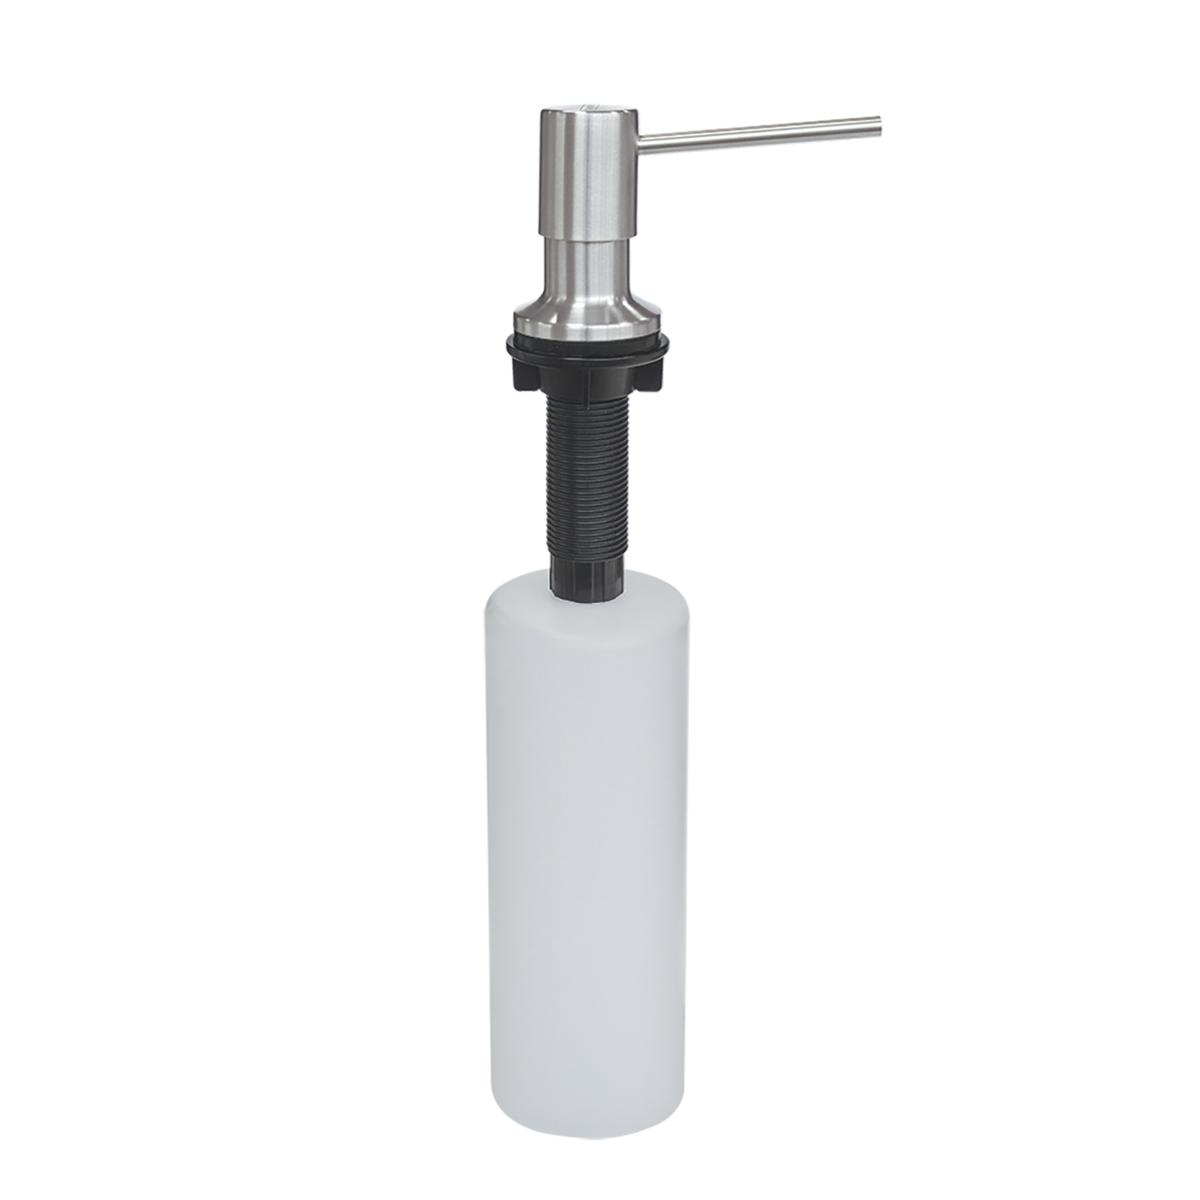 Dosador de Sabão Tramontina 94517/004 em Aço Inox com Recipiente Plástico 500 ml